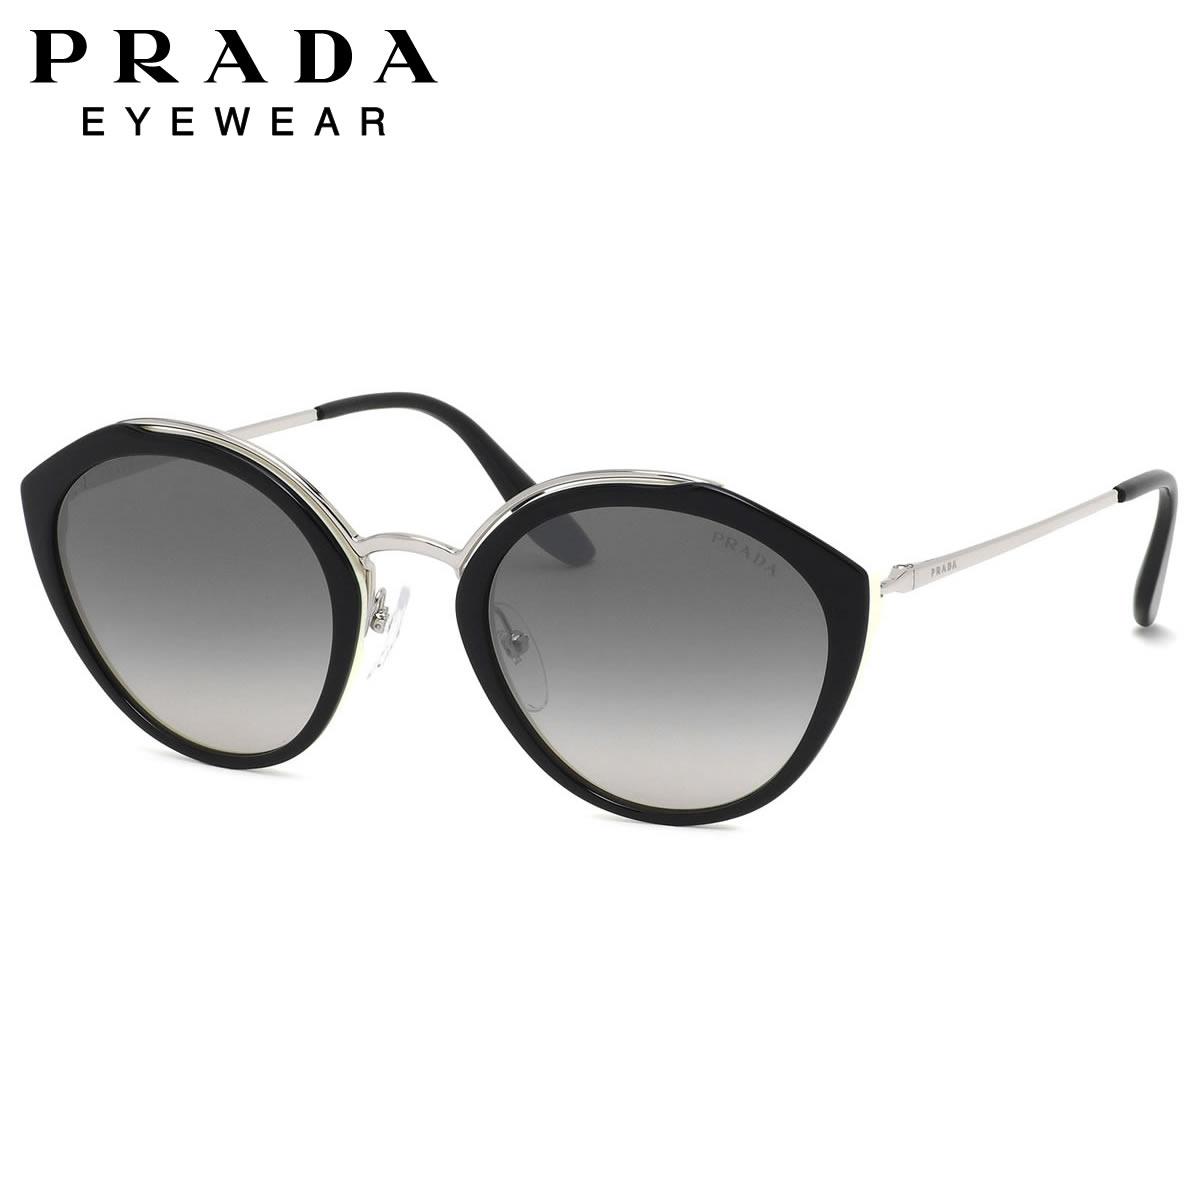 プラダ PRADA サングラス PR18US 4BK5O0 53サイズ キャッツアイ アーモンド Made in Italy ブラック ホワイト コンビネーション メンズ レディース